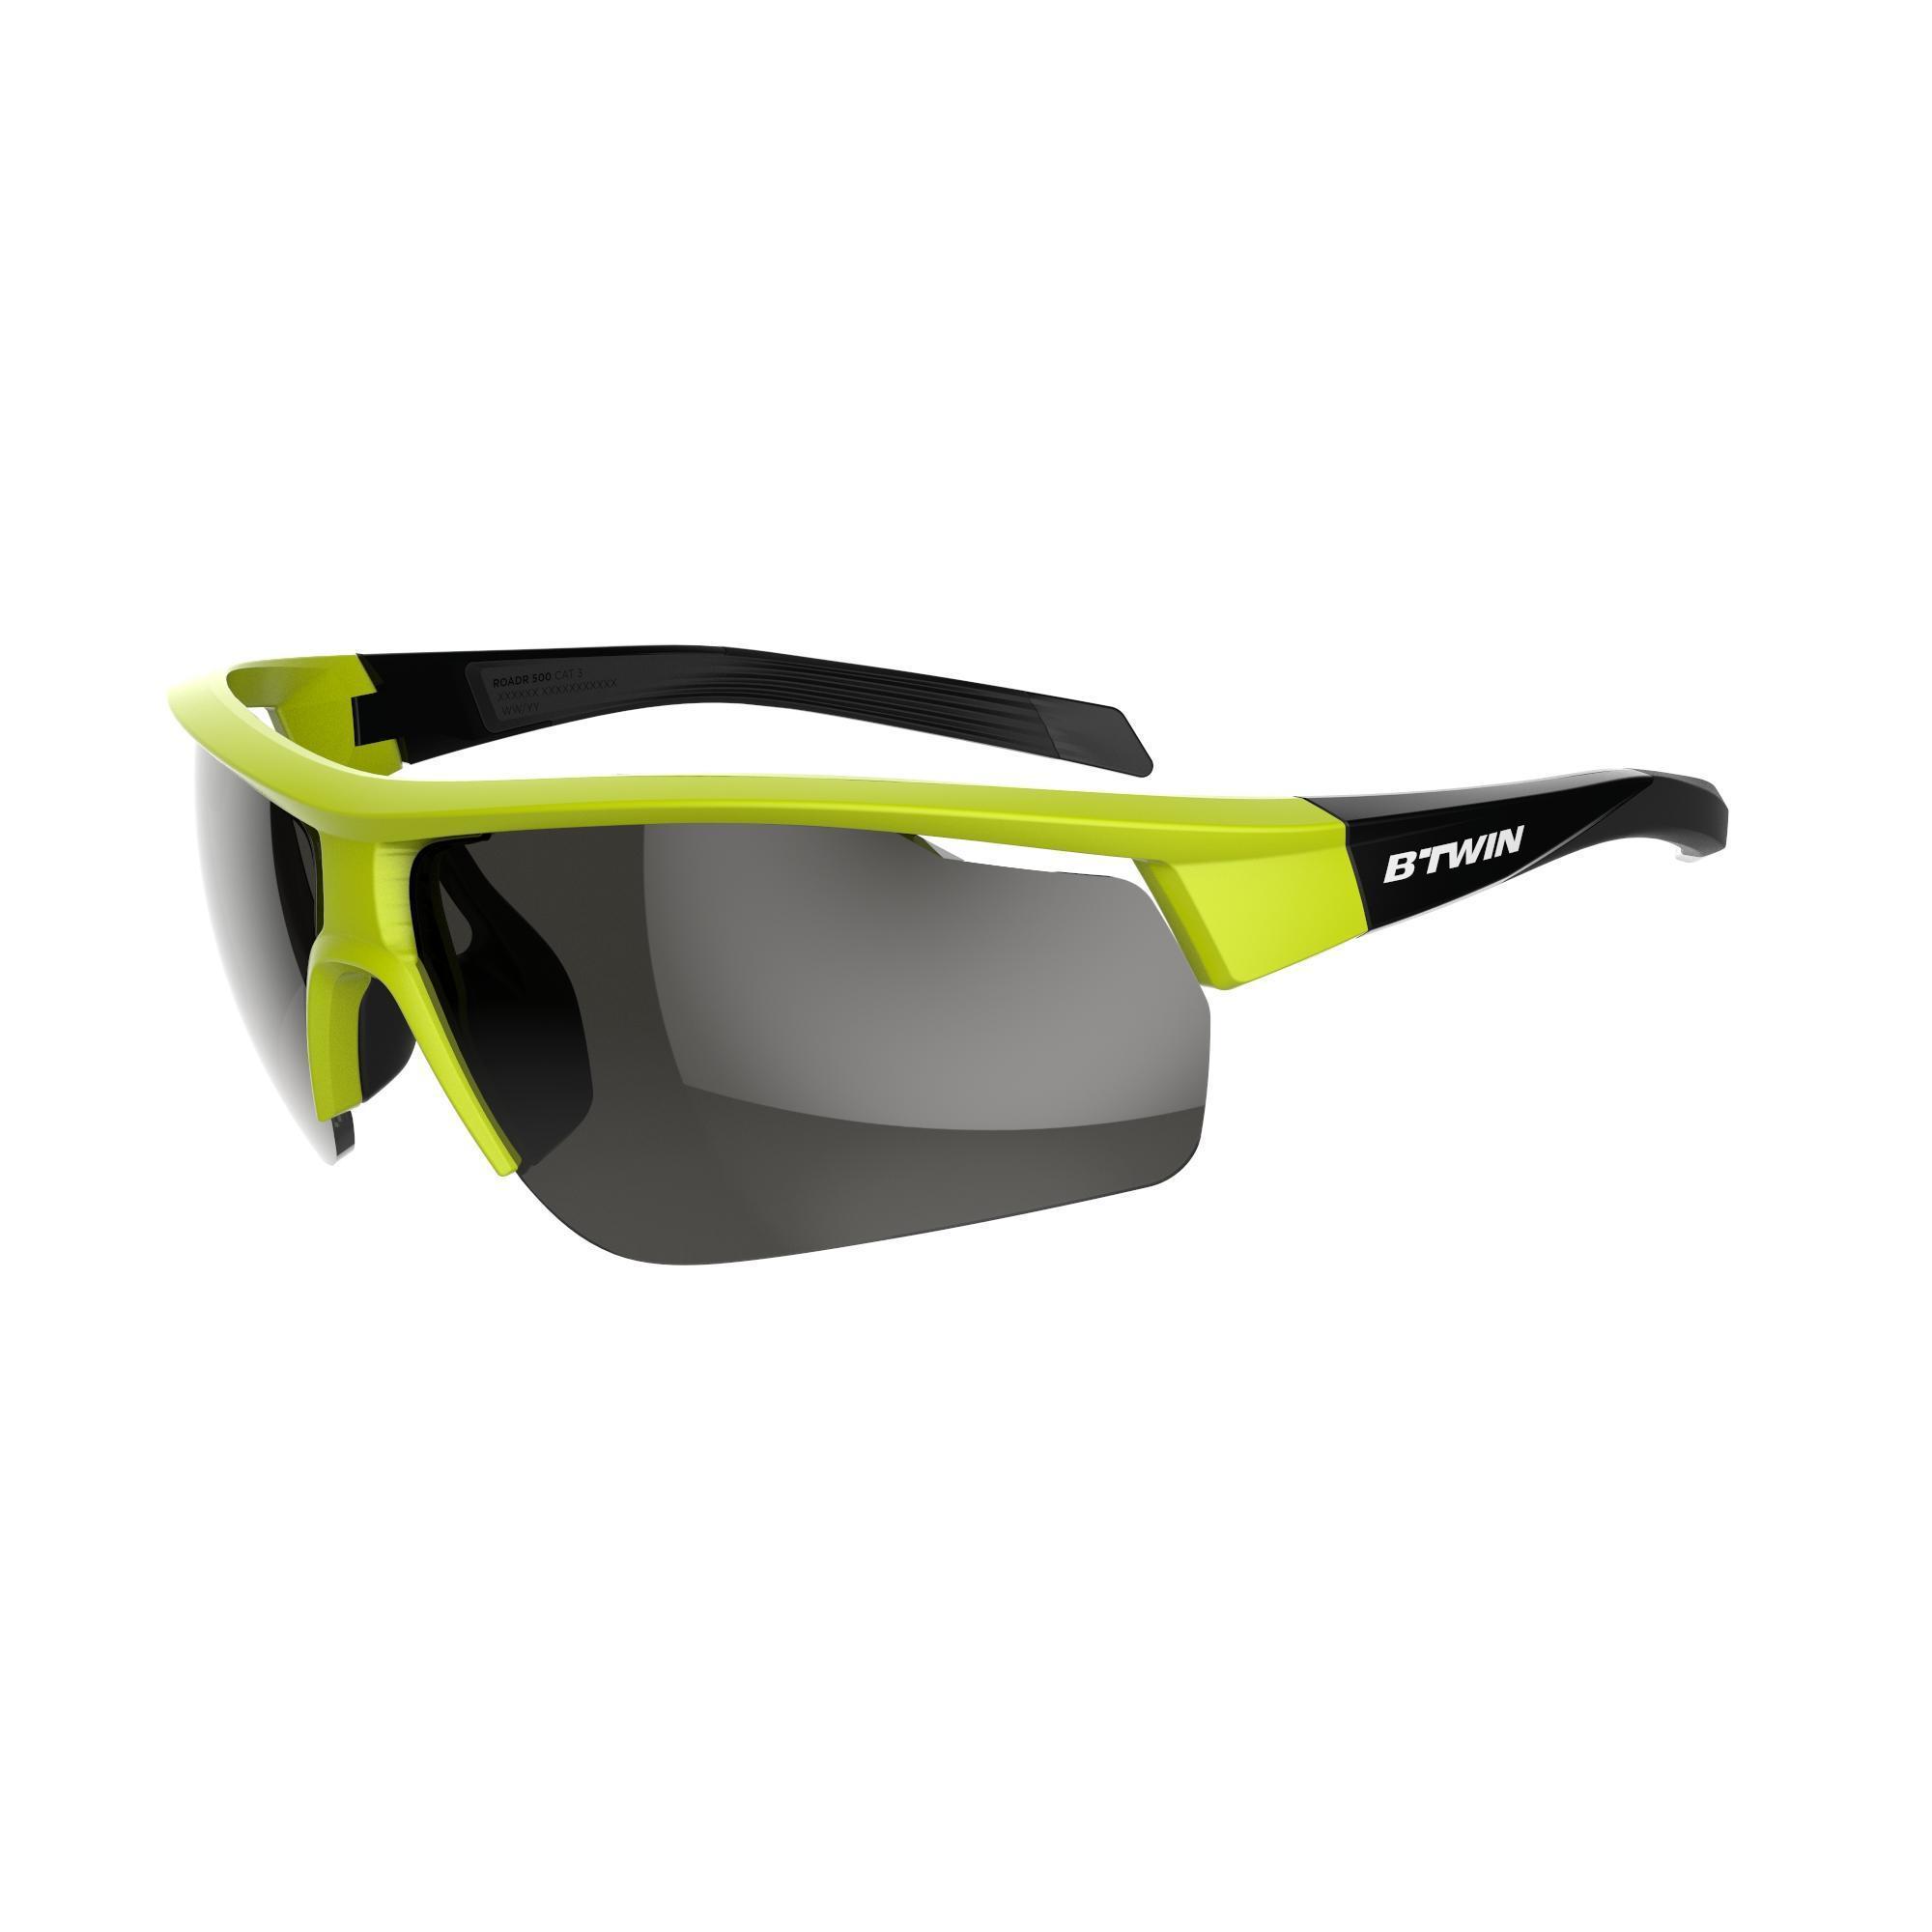 Orao Fietsbril volwassenen Roadr 500 categorie 3 geel-groen fluo